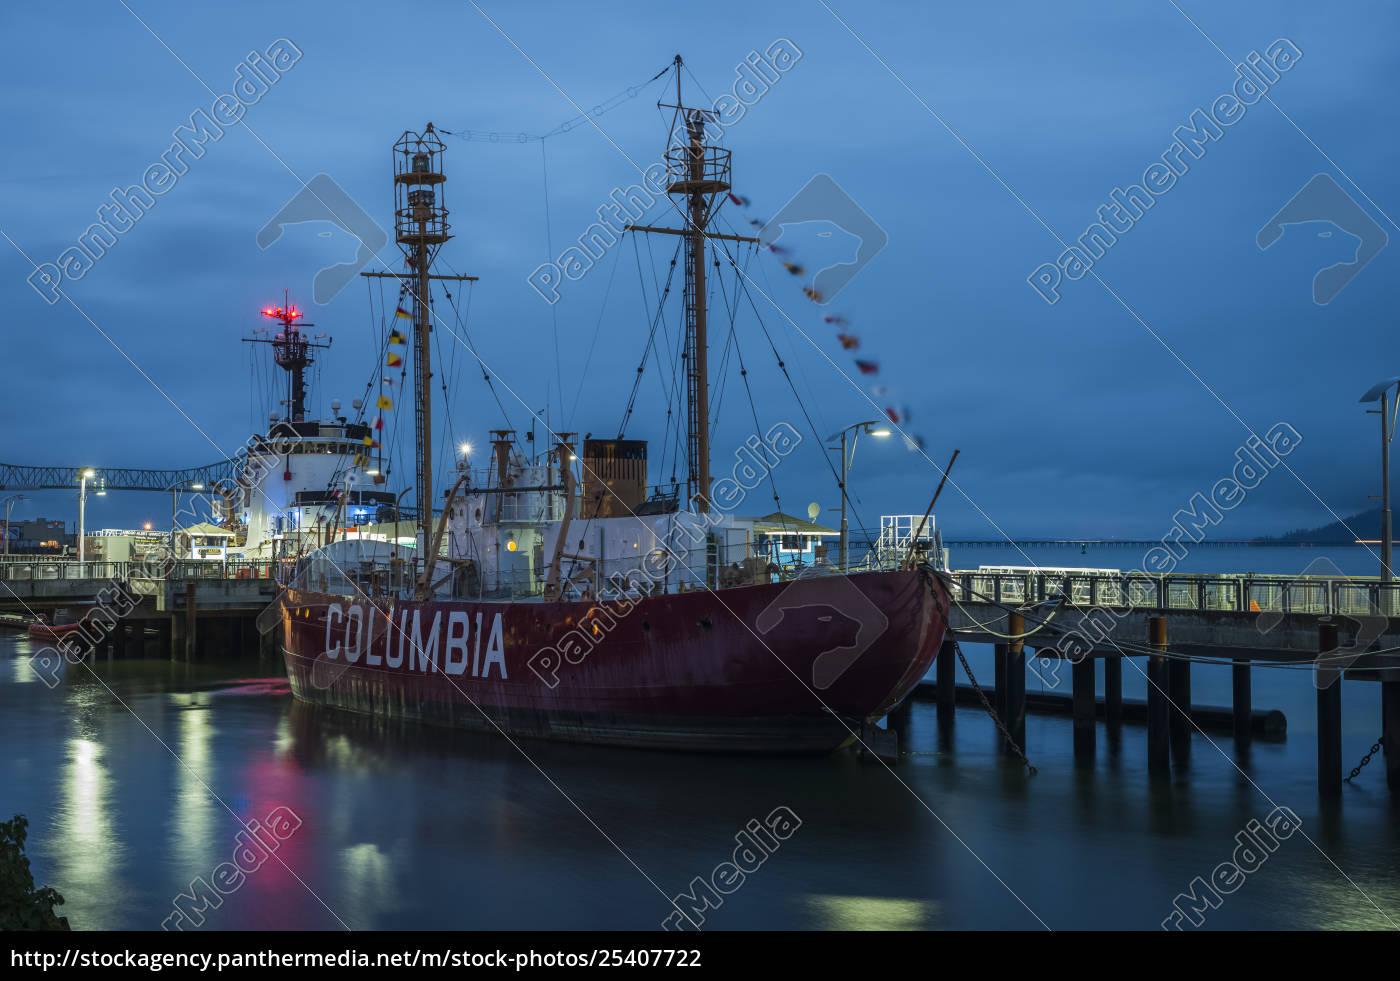 columbia, lightship, dockte, an, der, uferfront - 25407722